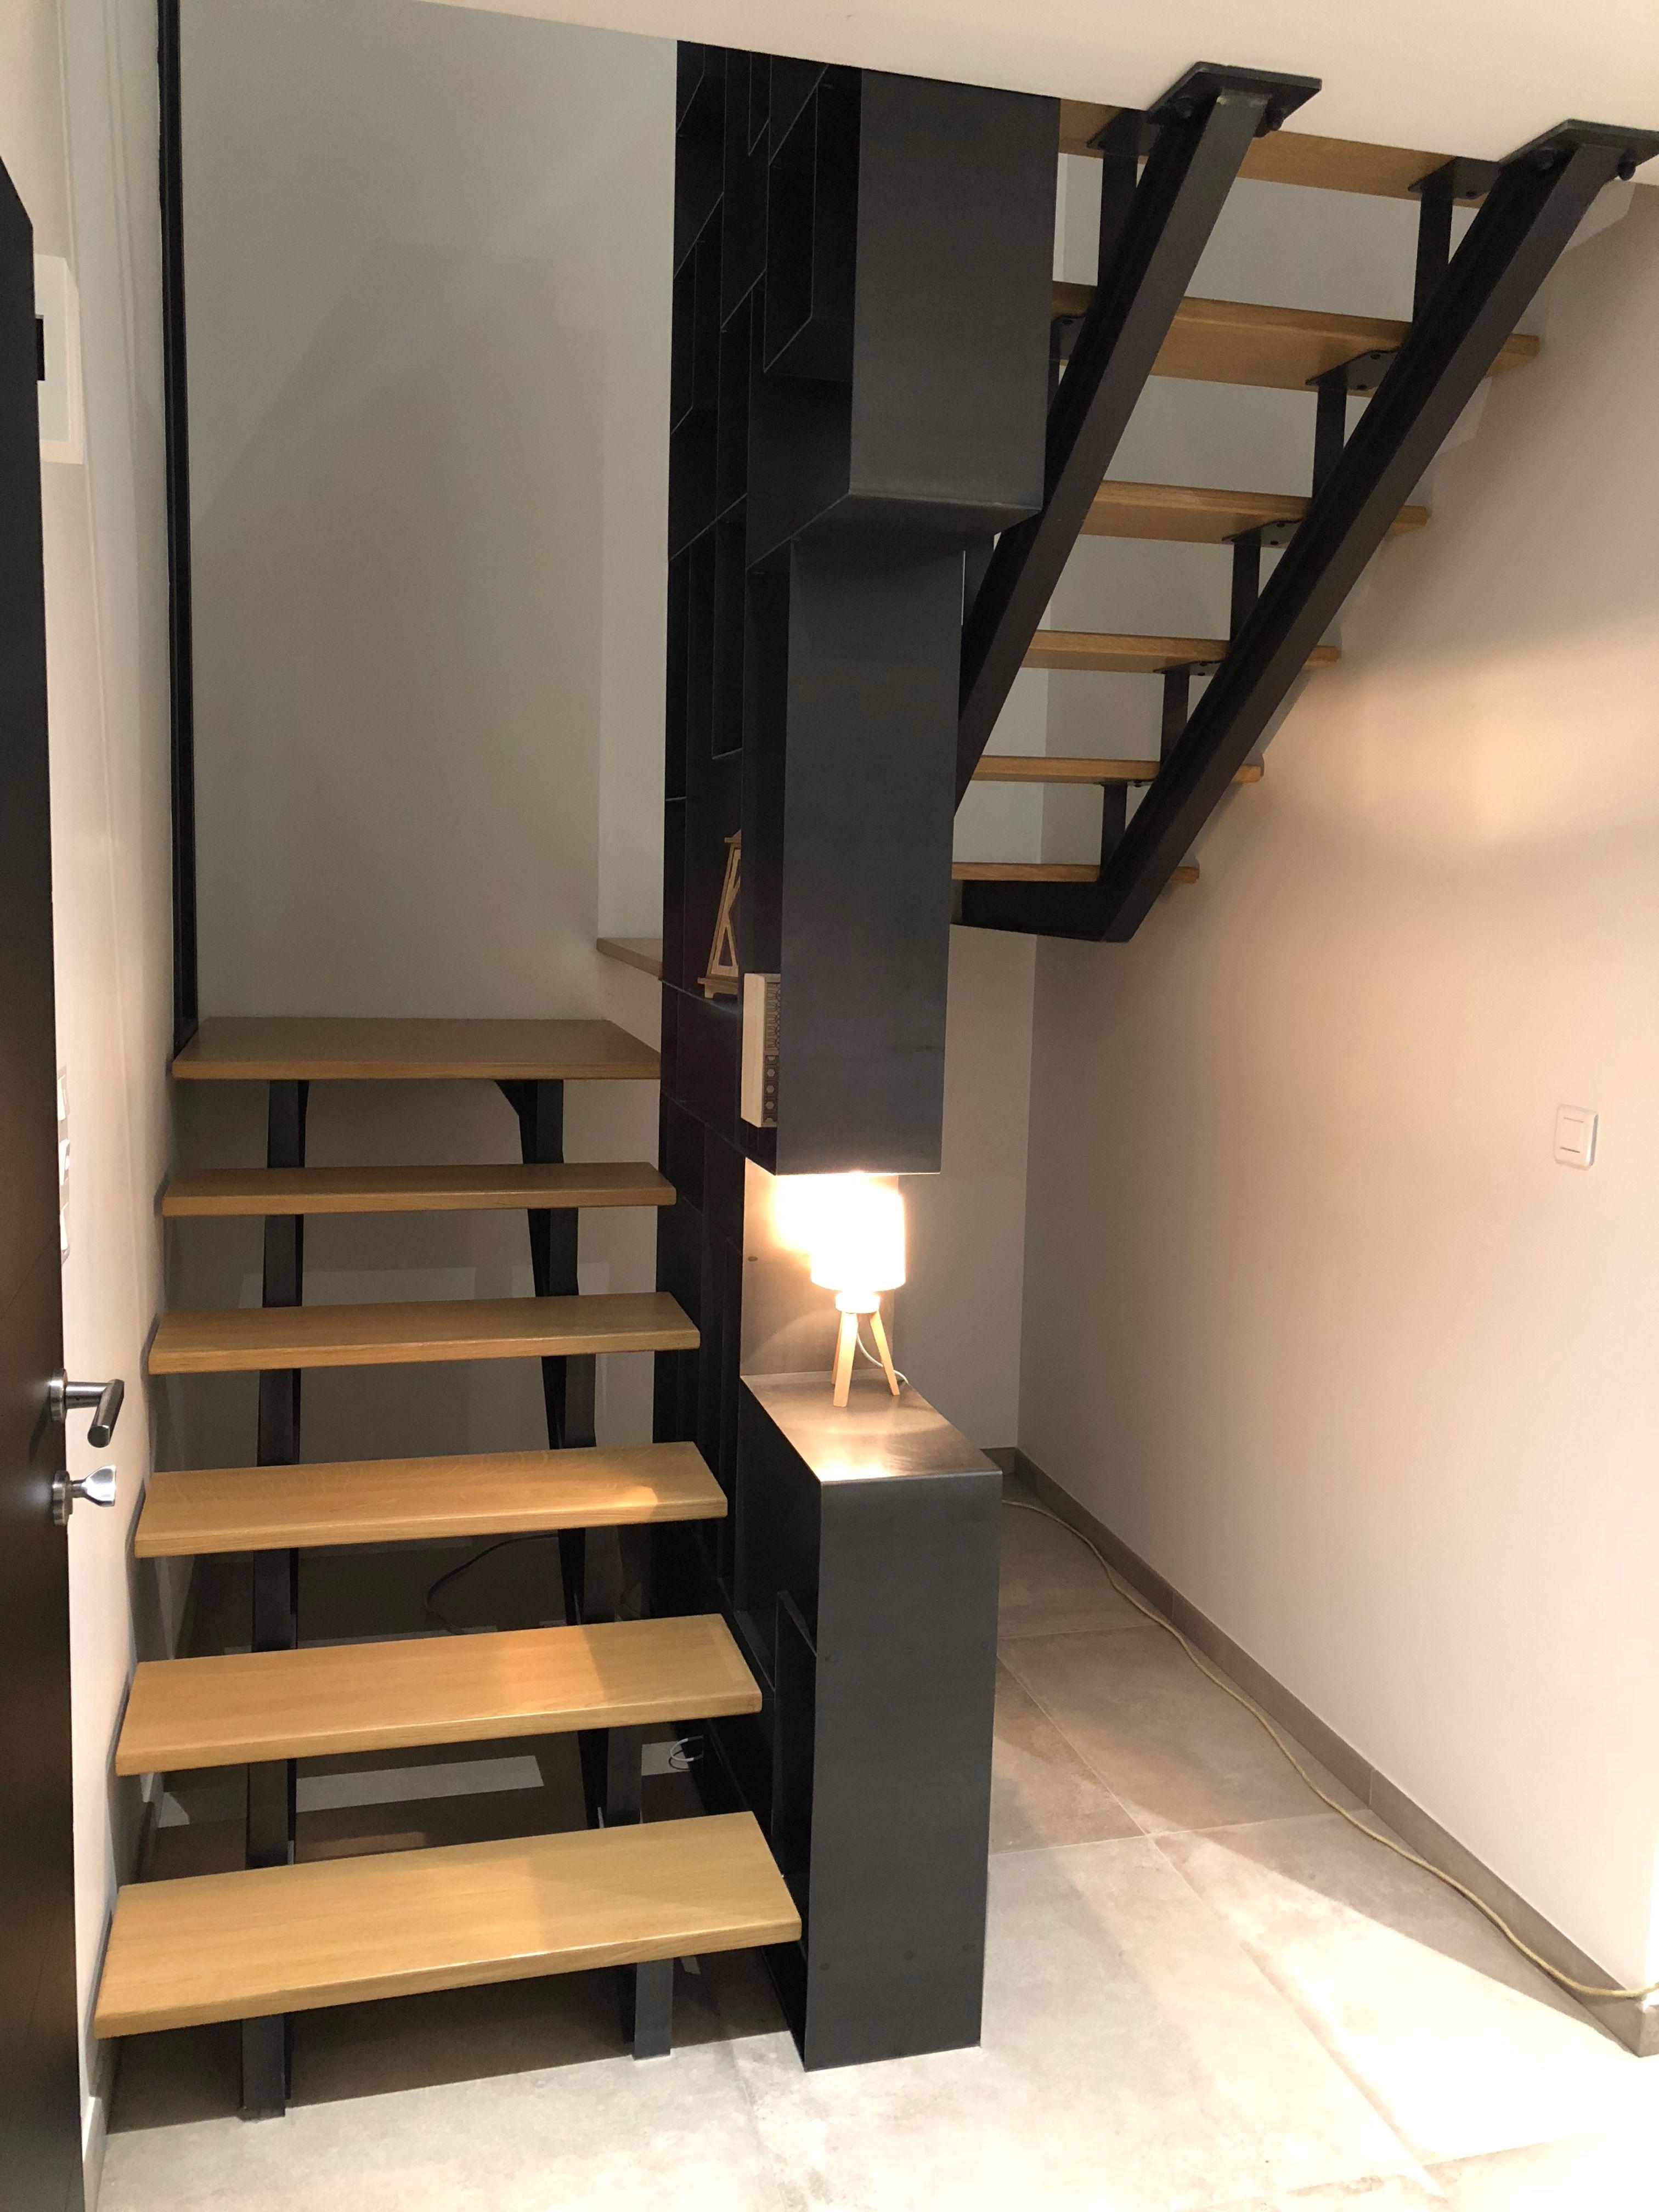 Escalier Metal Bois Bibliotheque En Acier Brut Cire Concu Fabrique